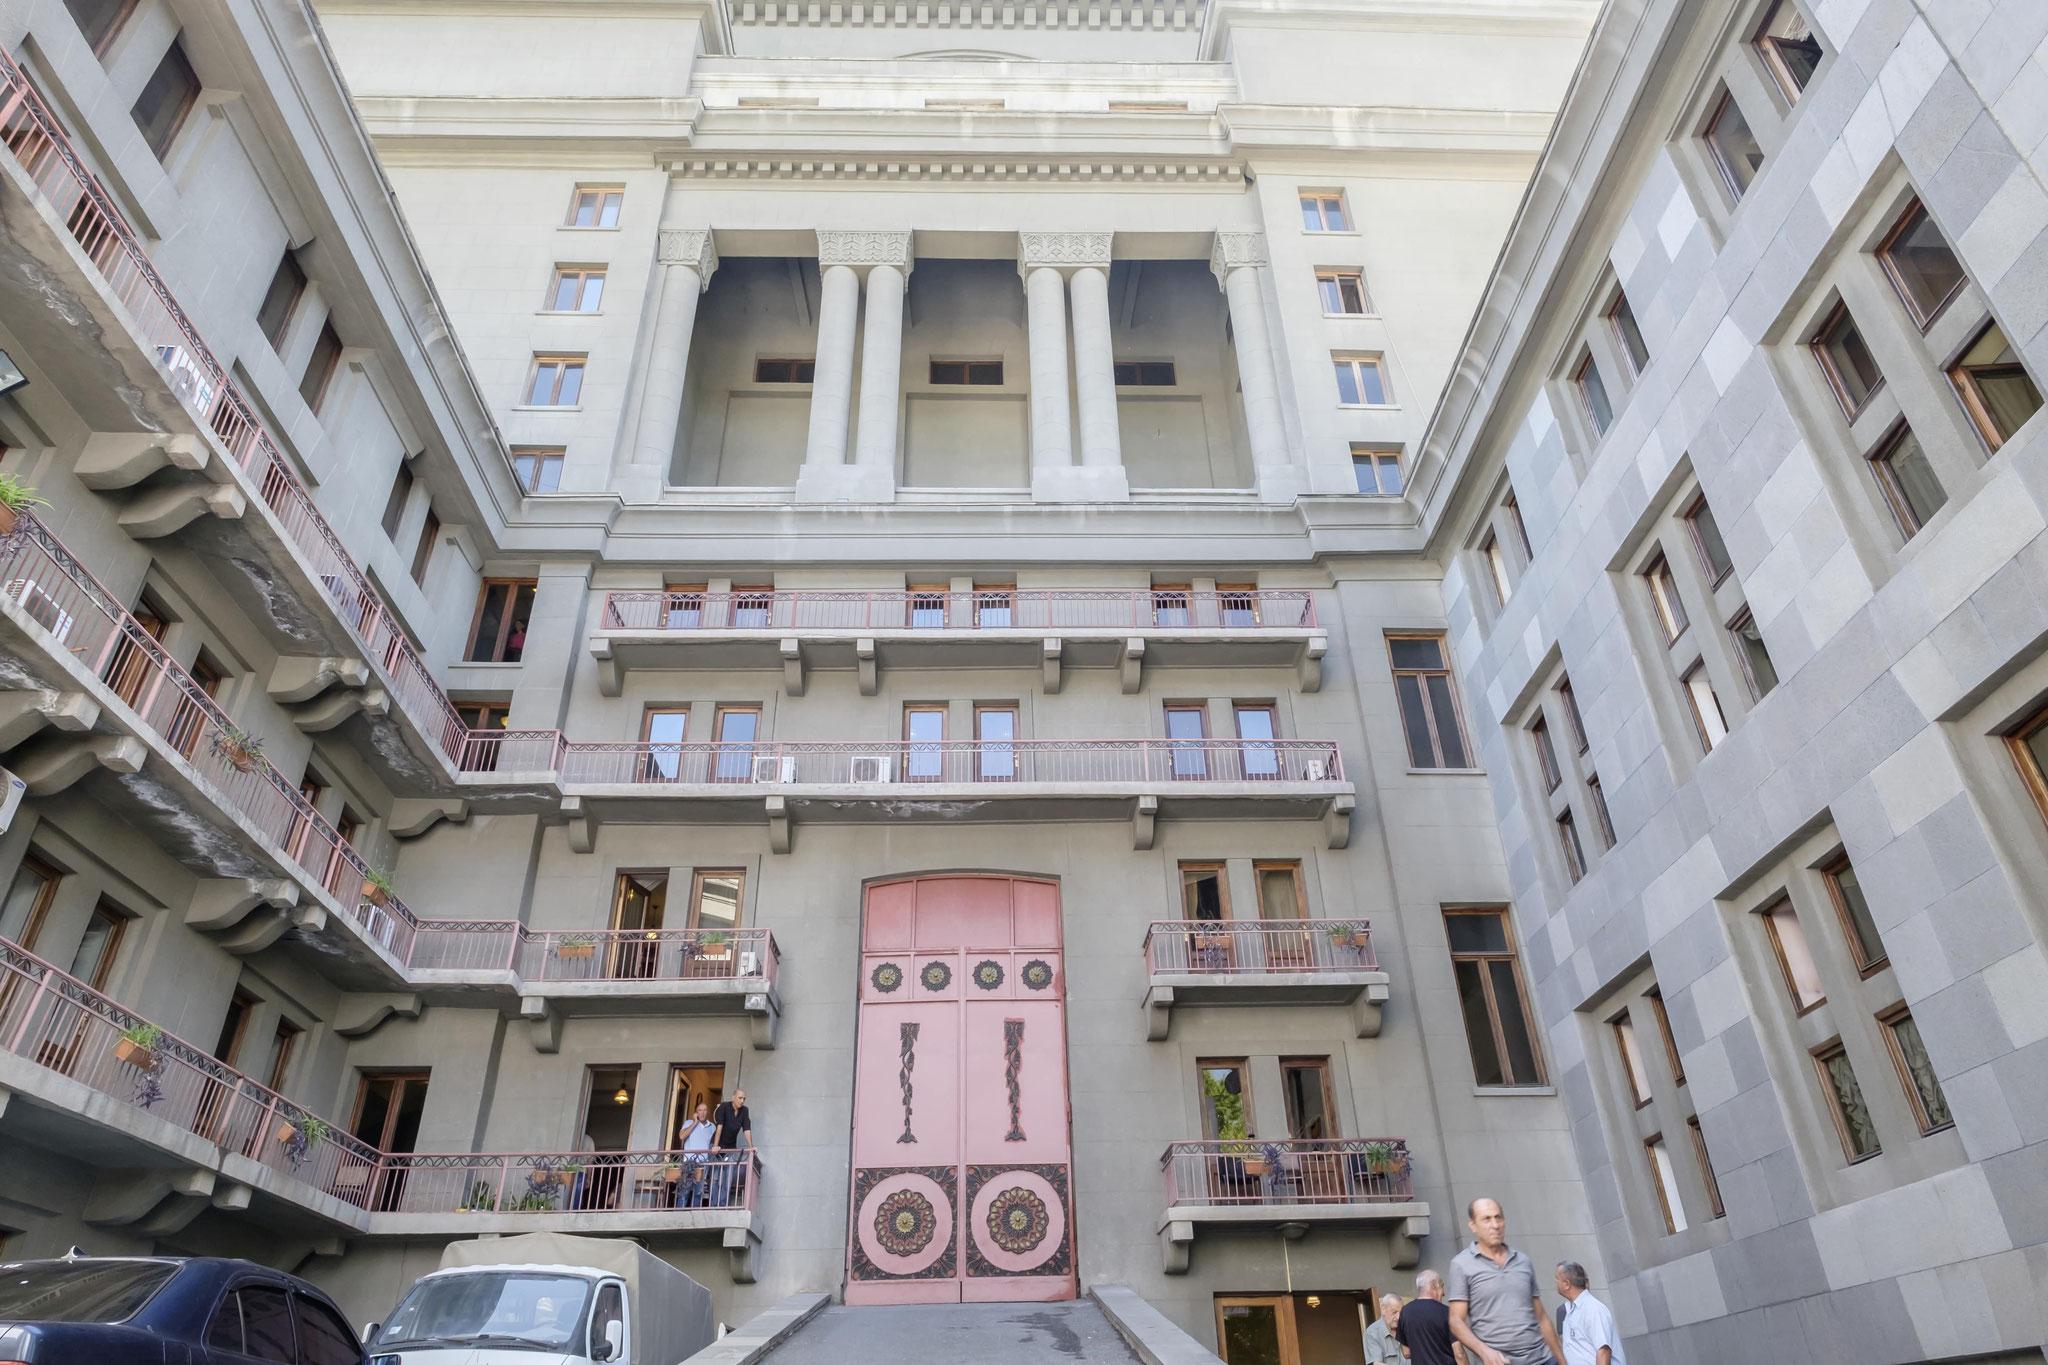 la façade arrière de l'opéra : fonctionnelle et ... à la 'soviétique'